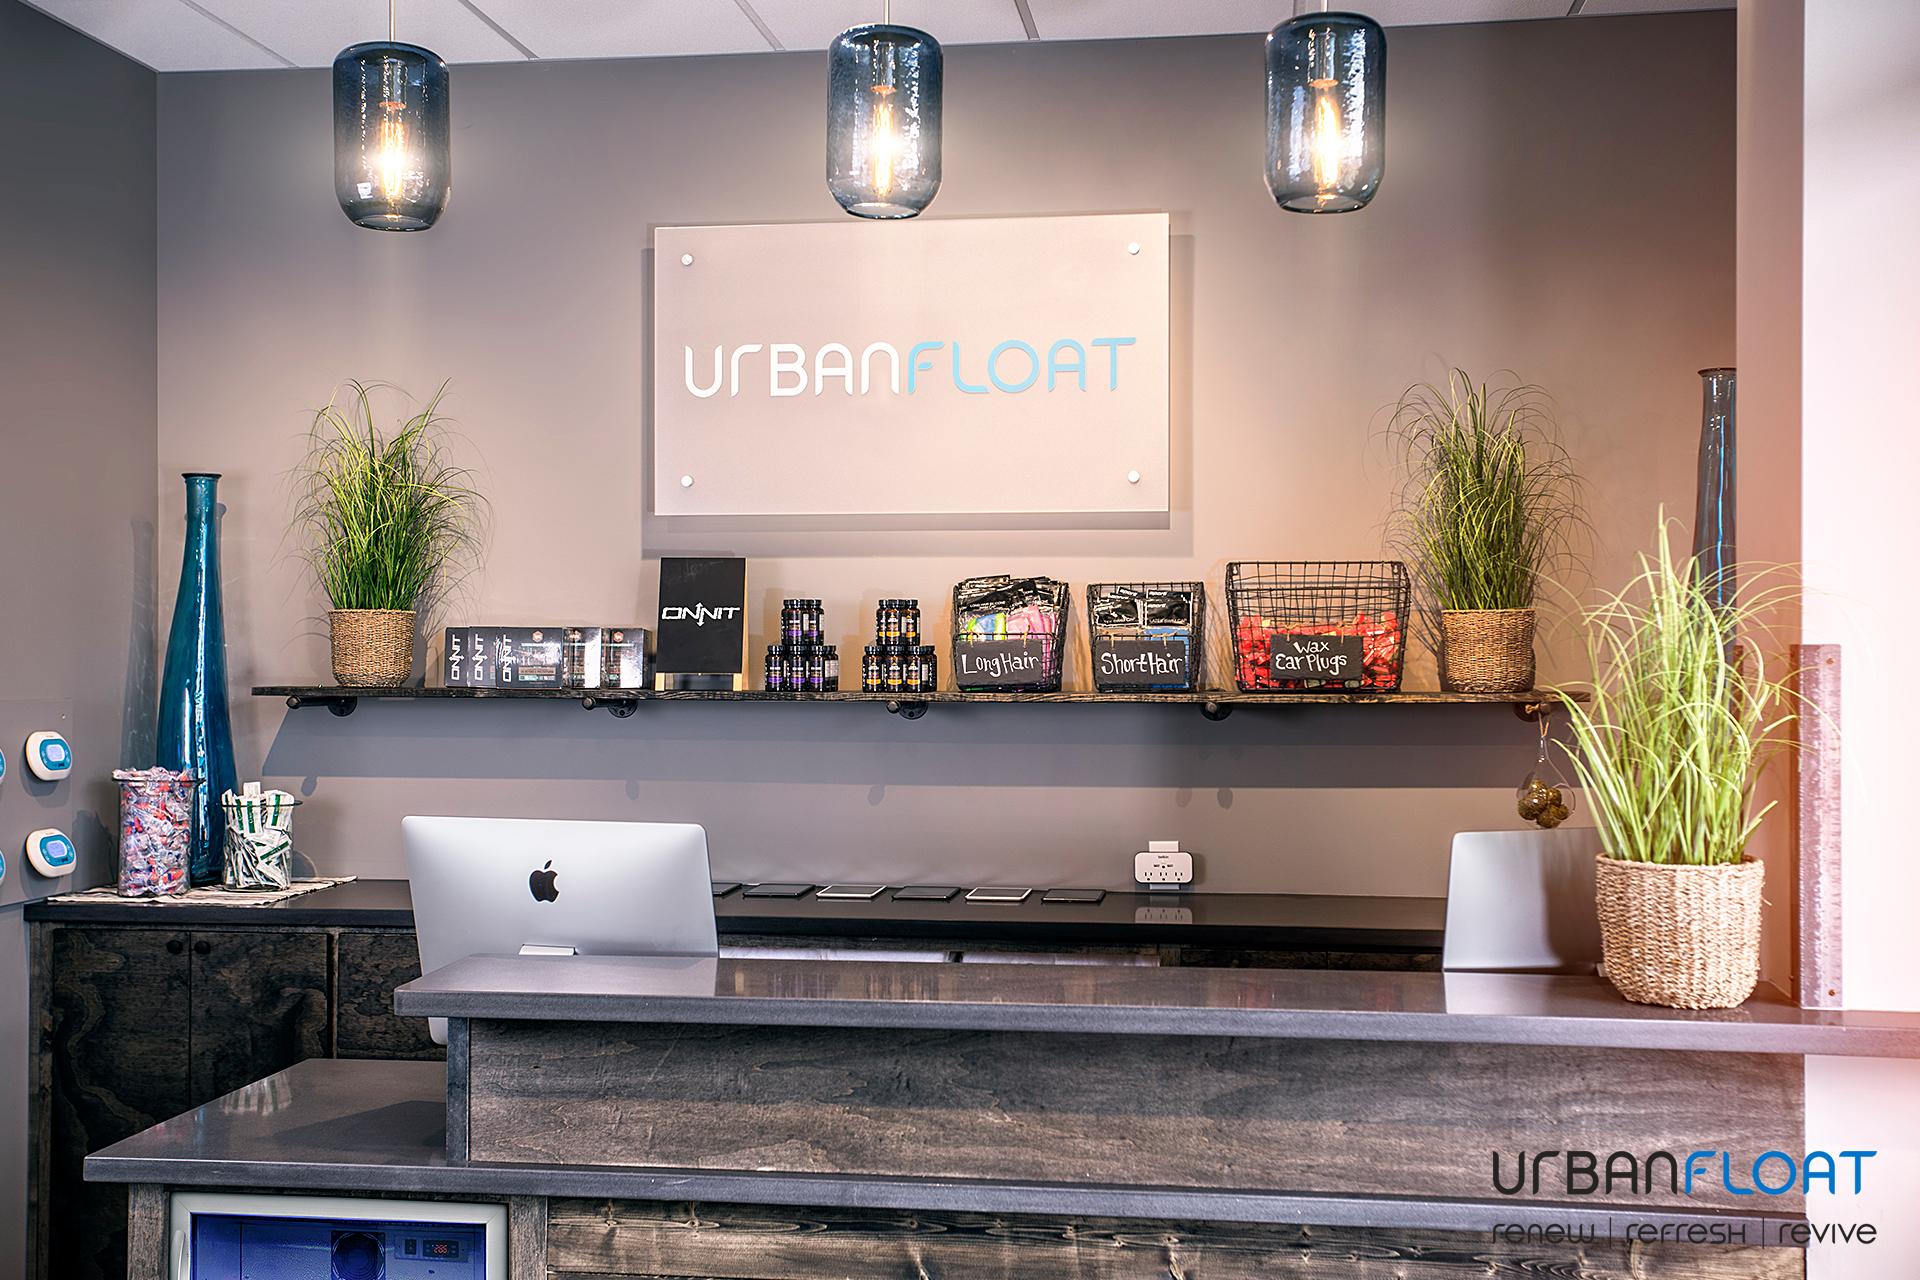 Urban Float Interior